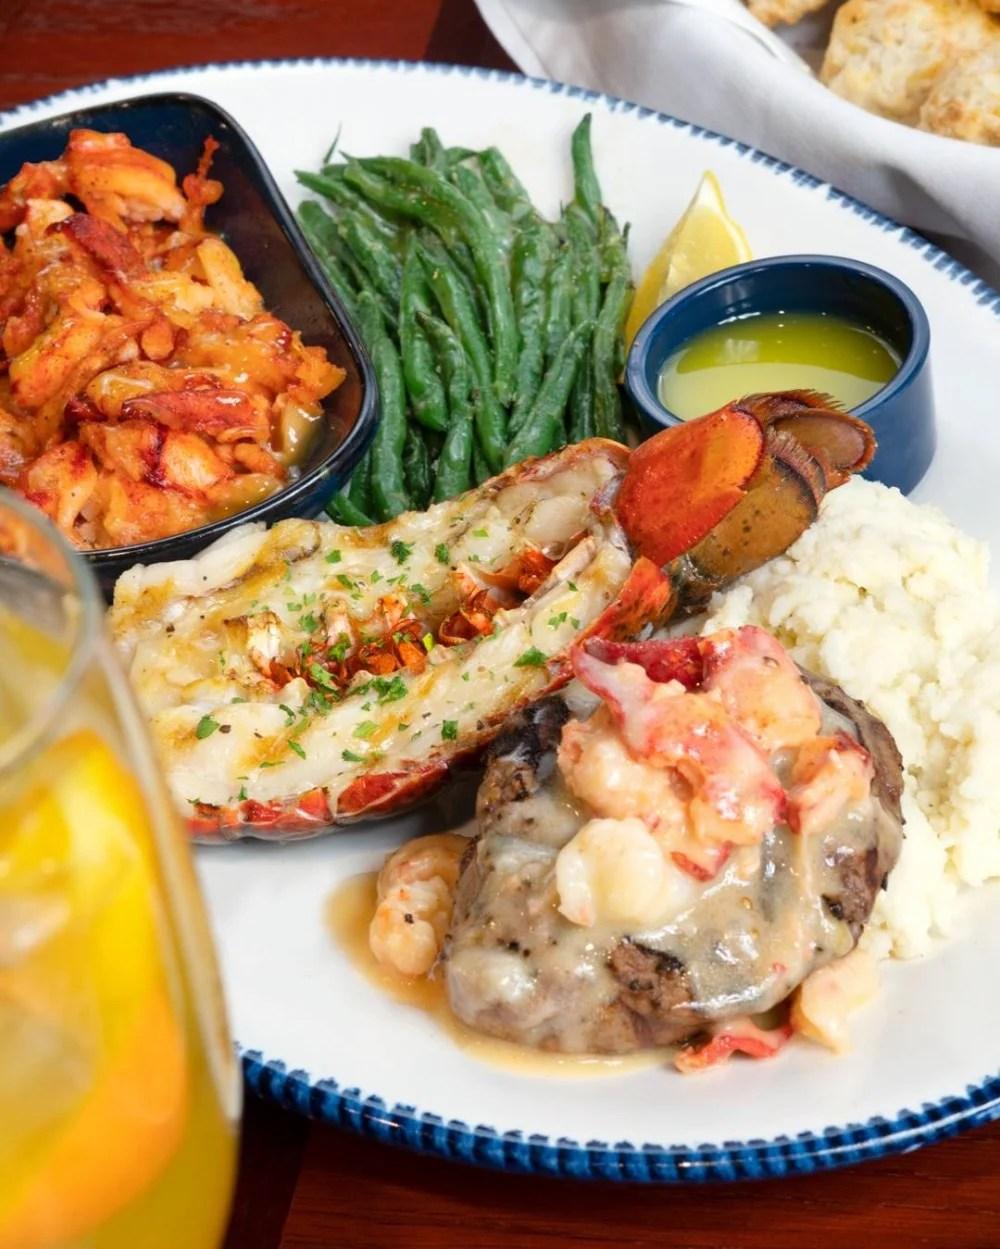 【銅鑼灣美食】美國人氣龍蝦店Red Lobster抵港! 香港限定避風塘炒龍蝦 | HolidaySmart 假期日常